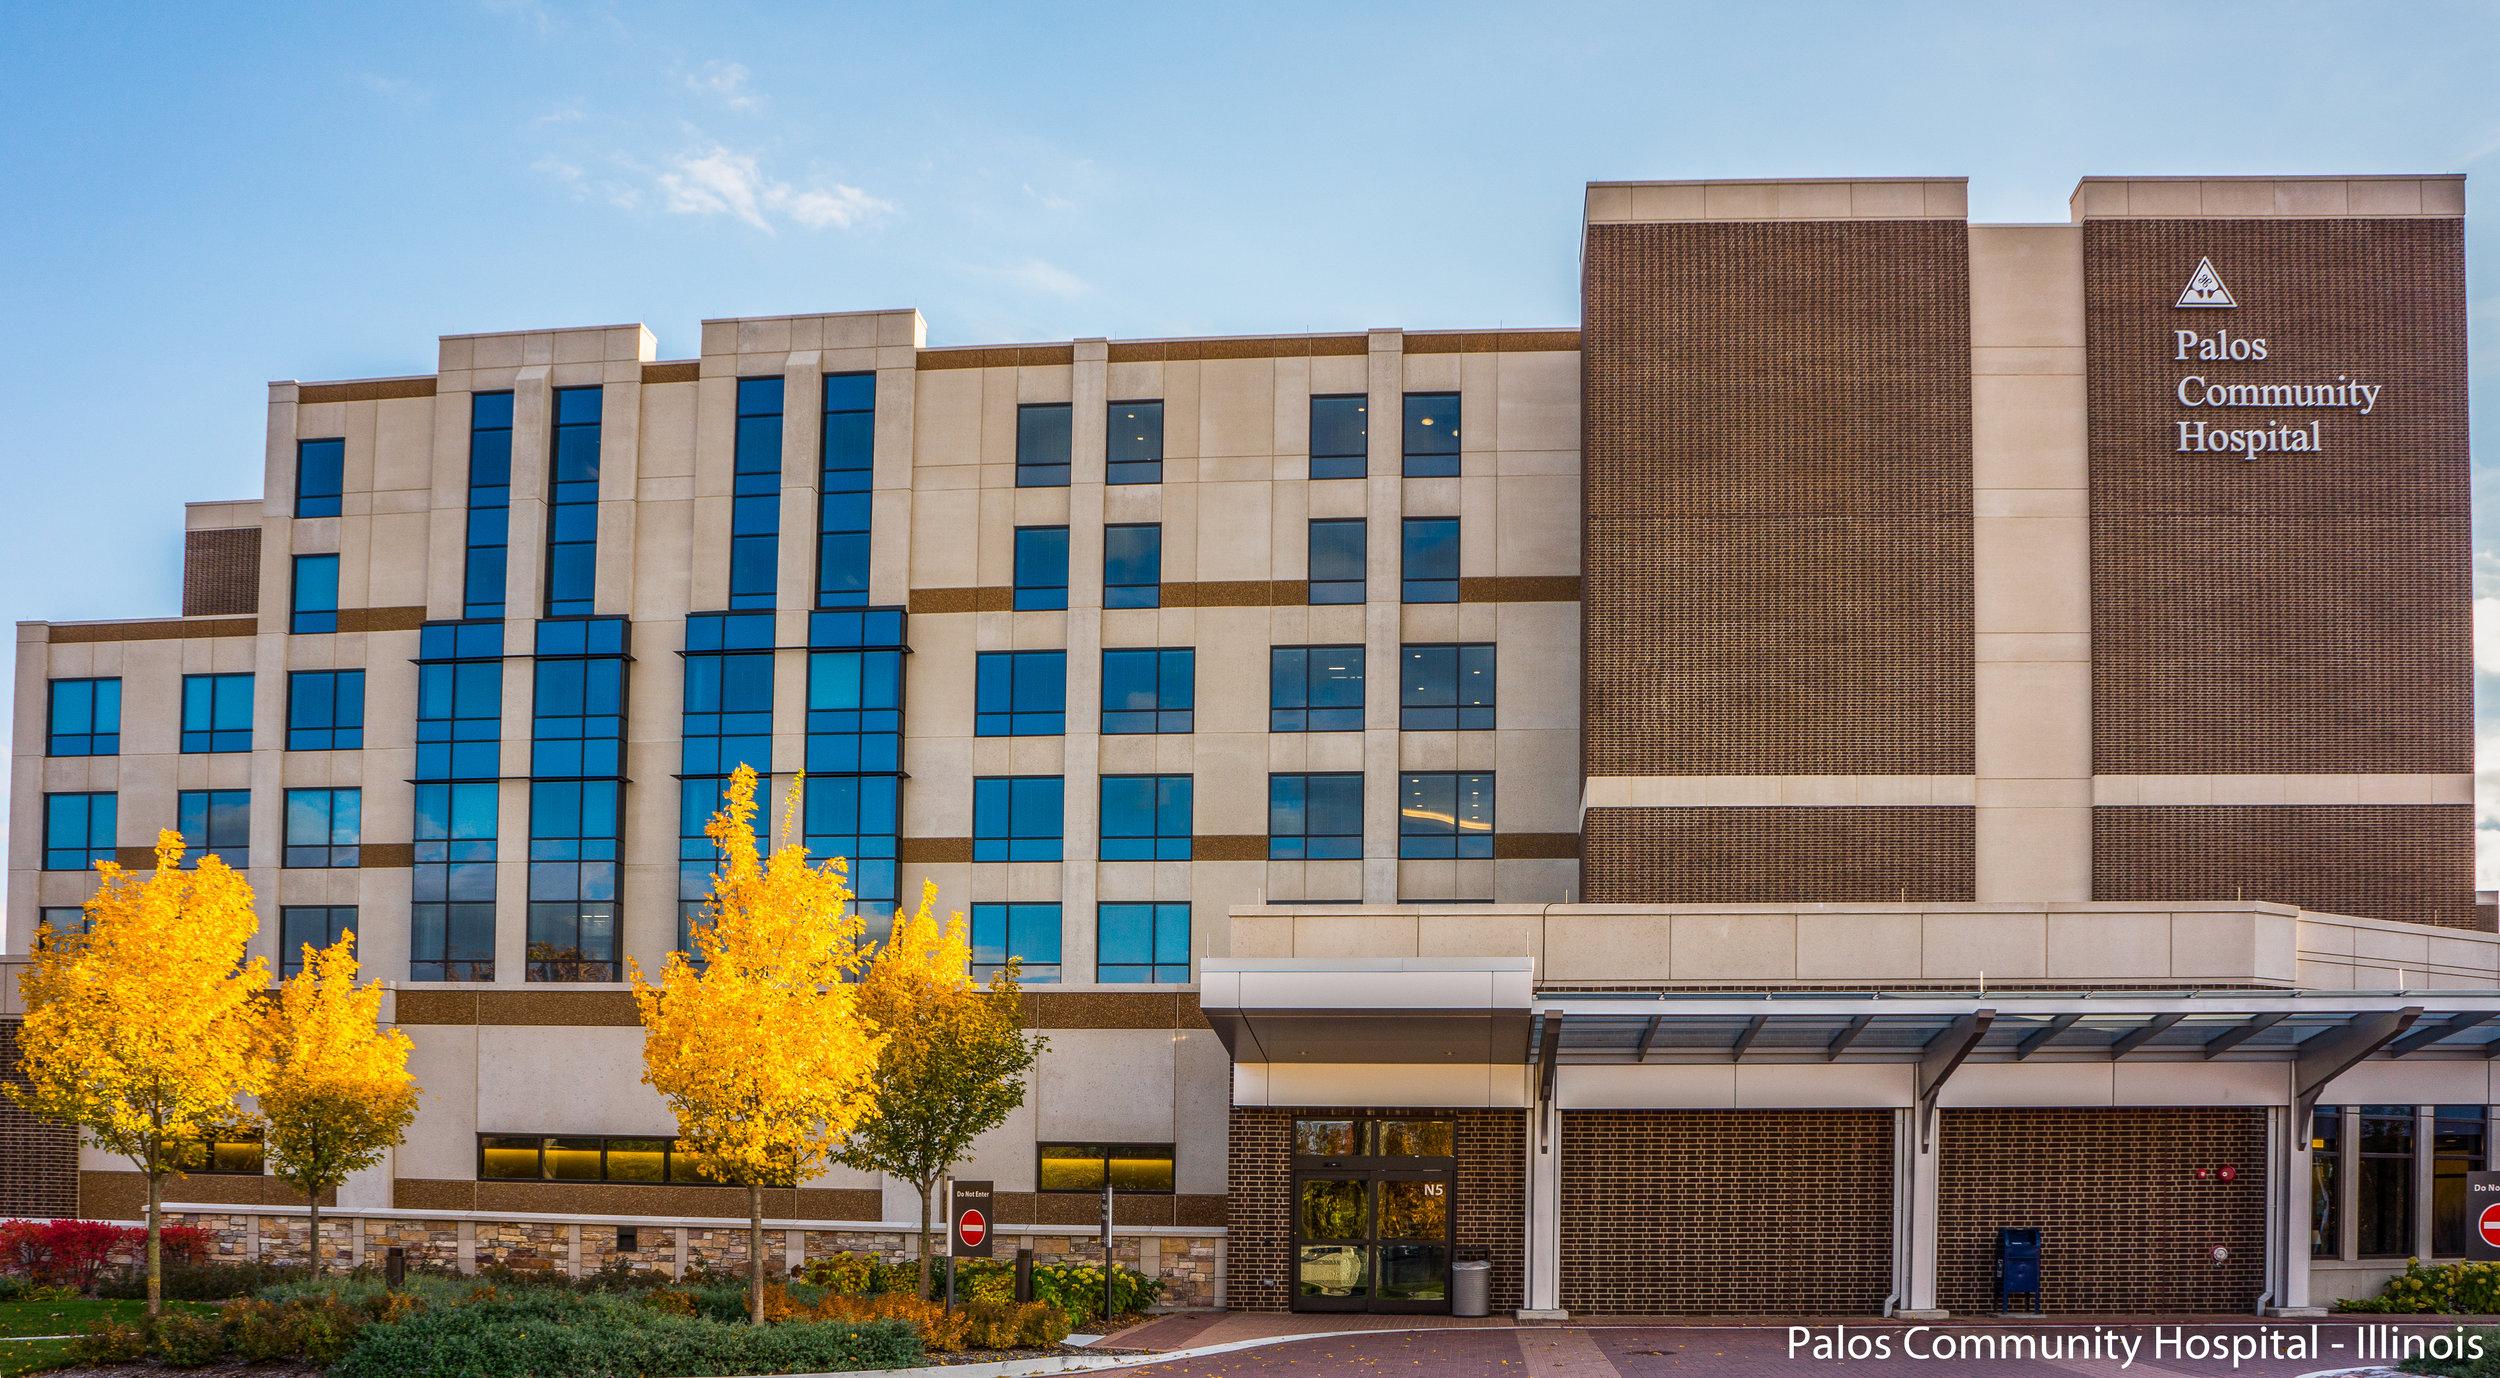 Palos Community Hospital - Palos Heights, IL